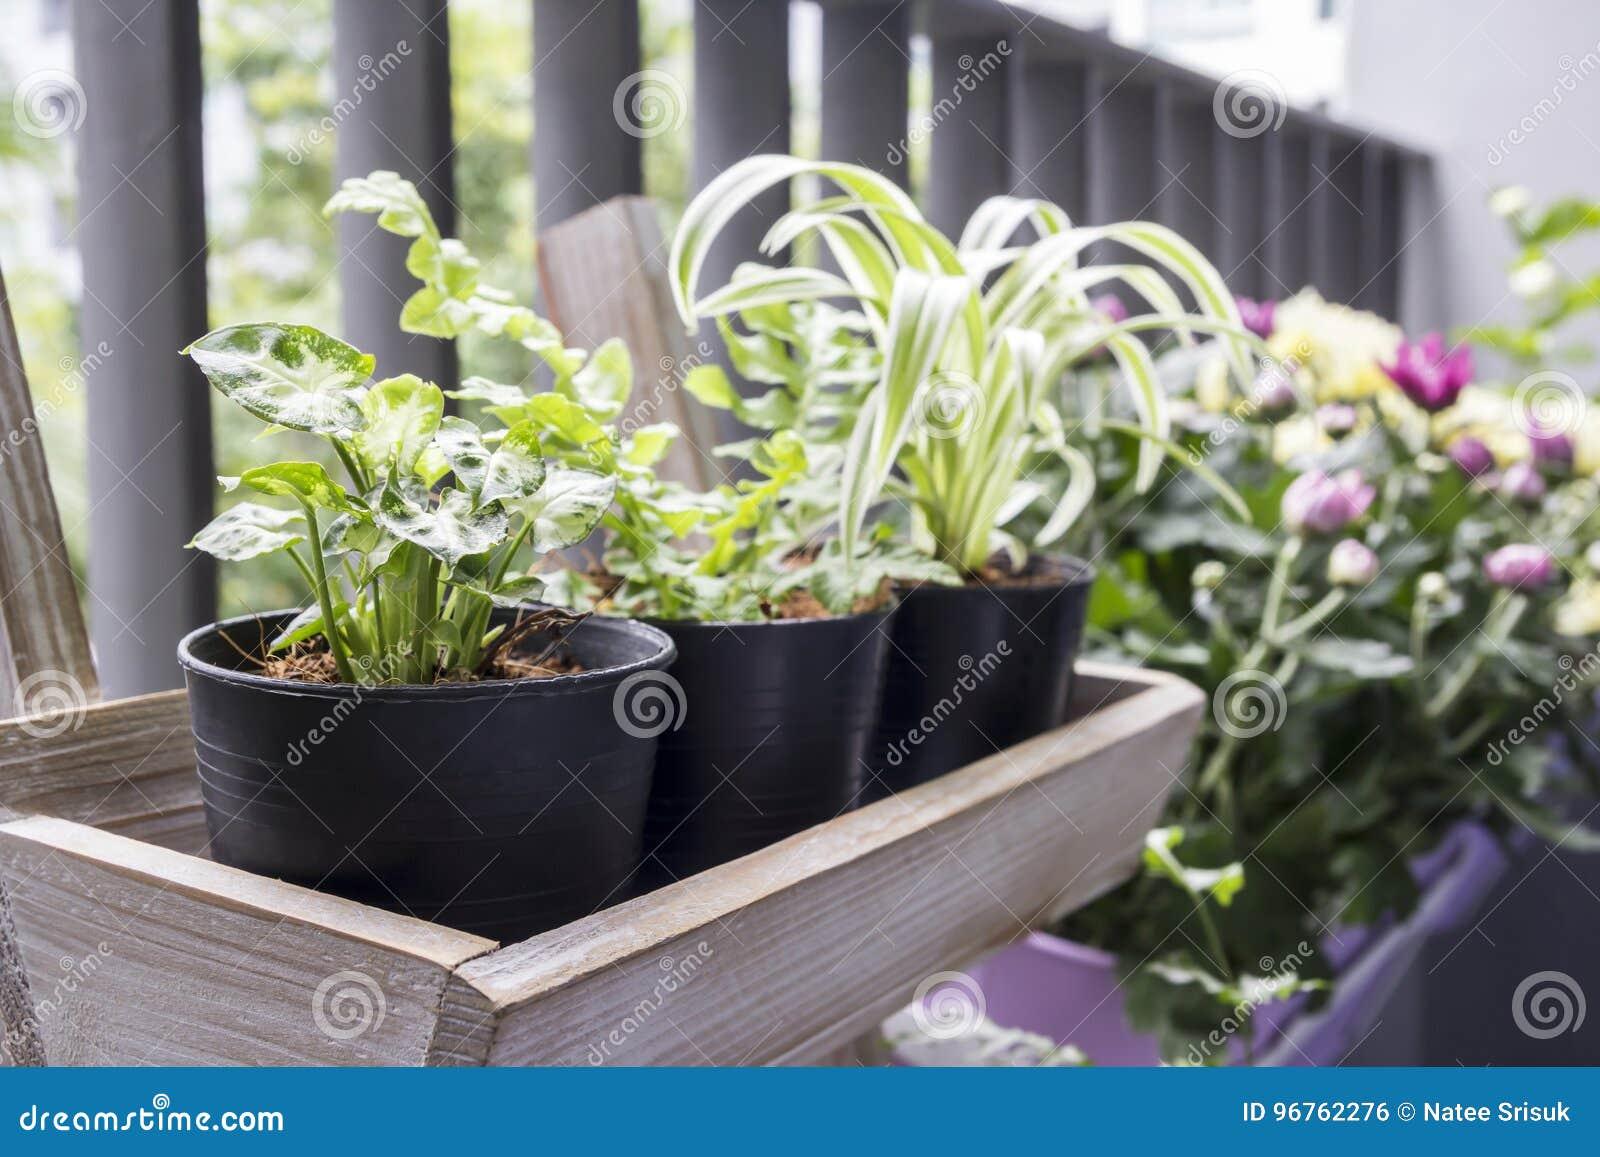 Piccolo Giardino Sul Balcone : Piccolo giardino sul balcone fotografia stock immagine di verde